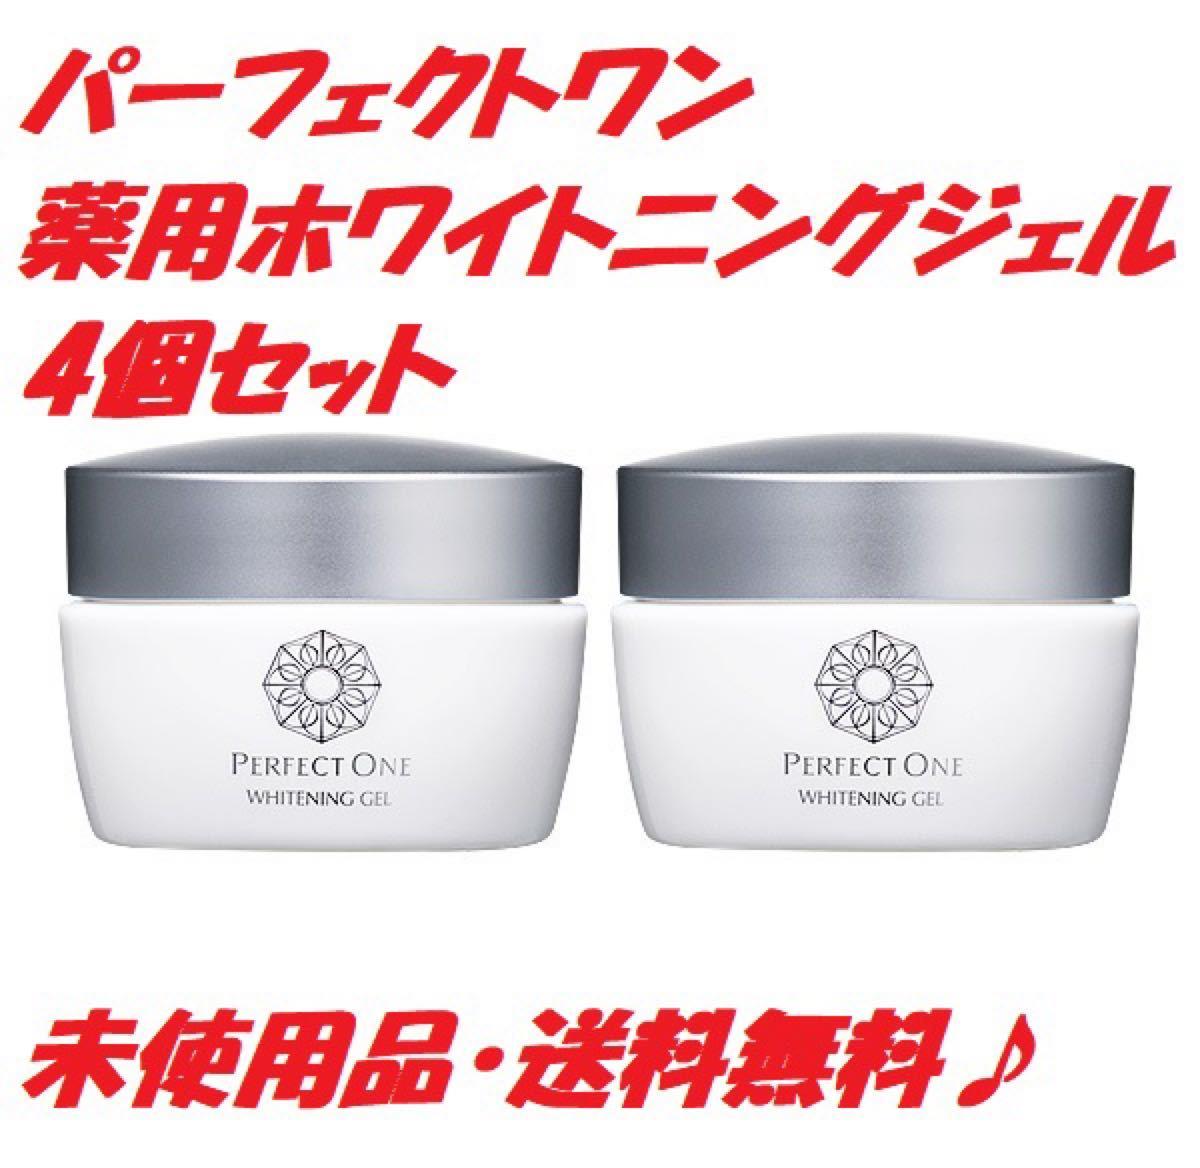 【新品】パーフェクトワン 薬用ホワイトニングジェル 75g【4個セット】